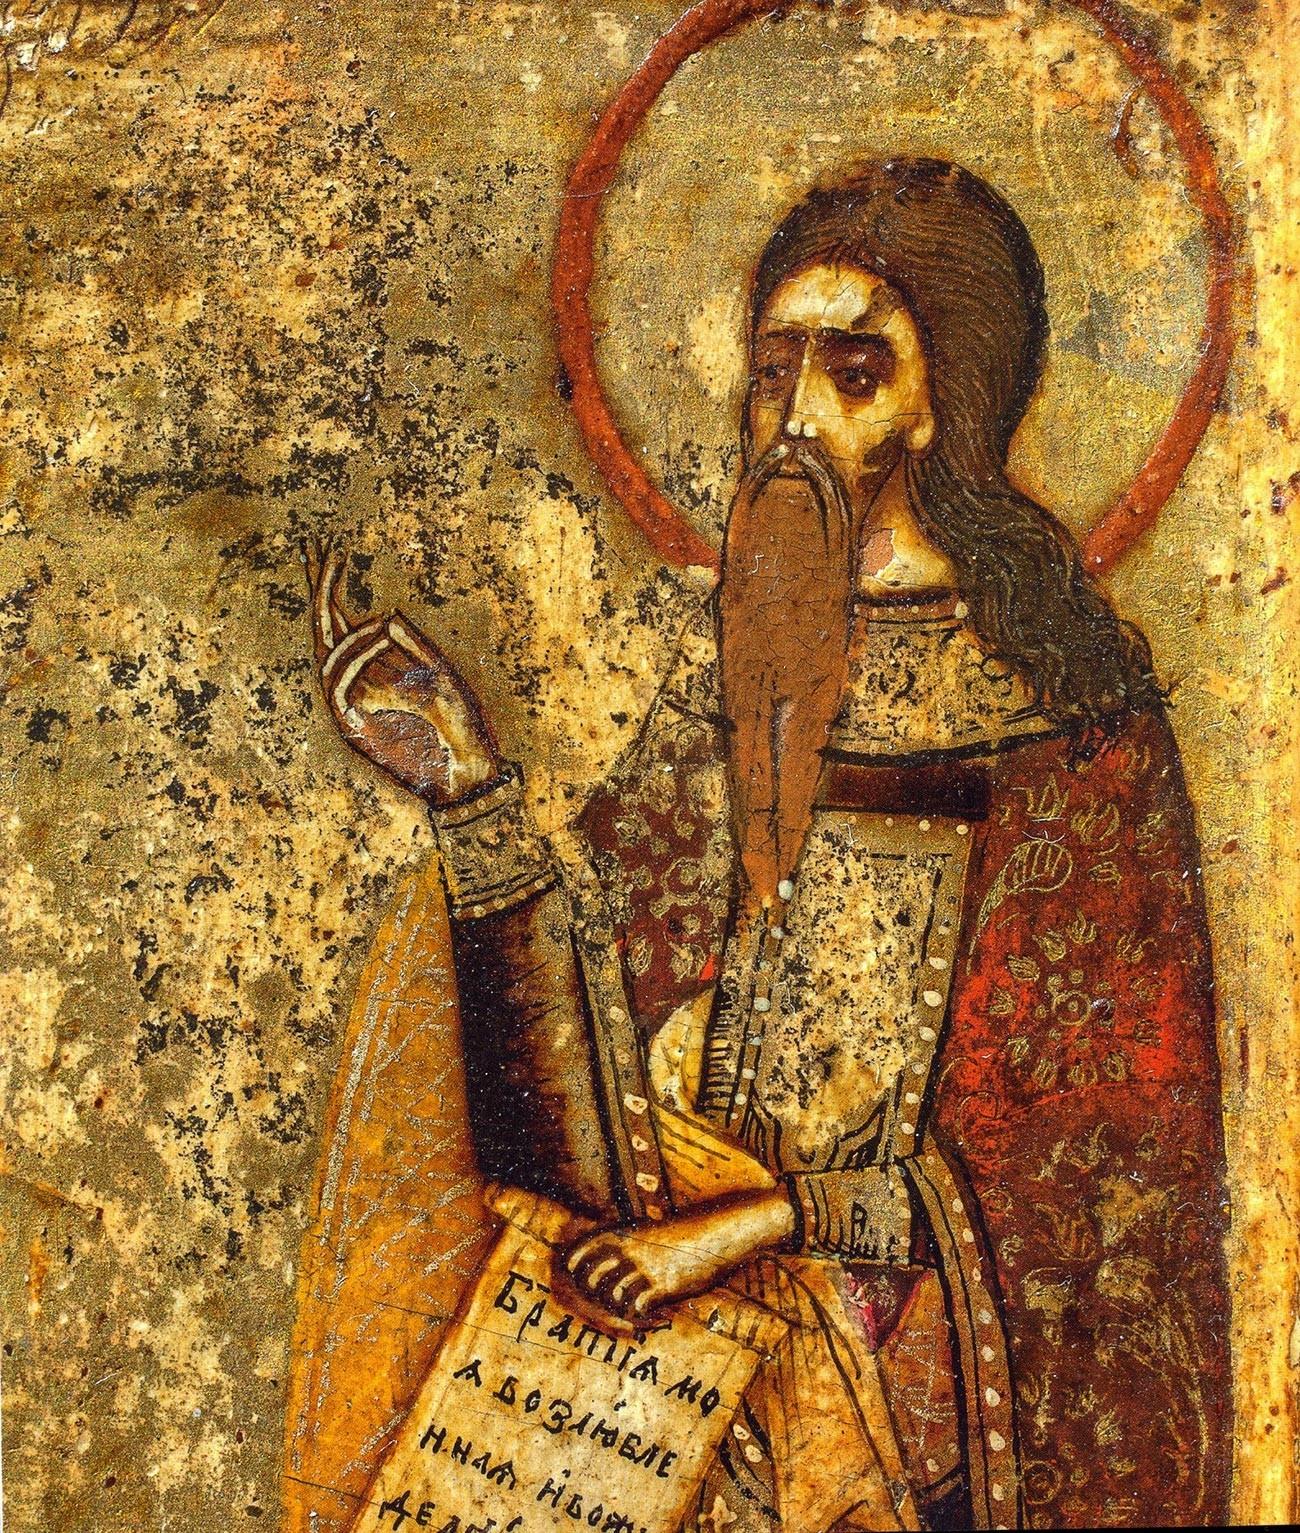 Avvakum Petrov na ikoni staroobredcev iz 17. stoletja